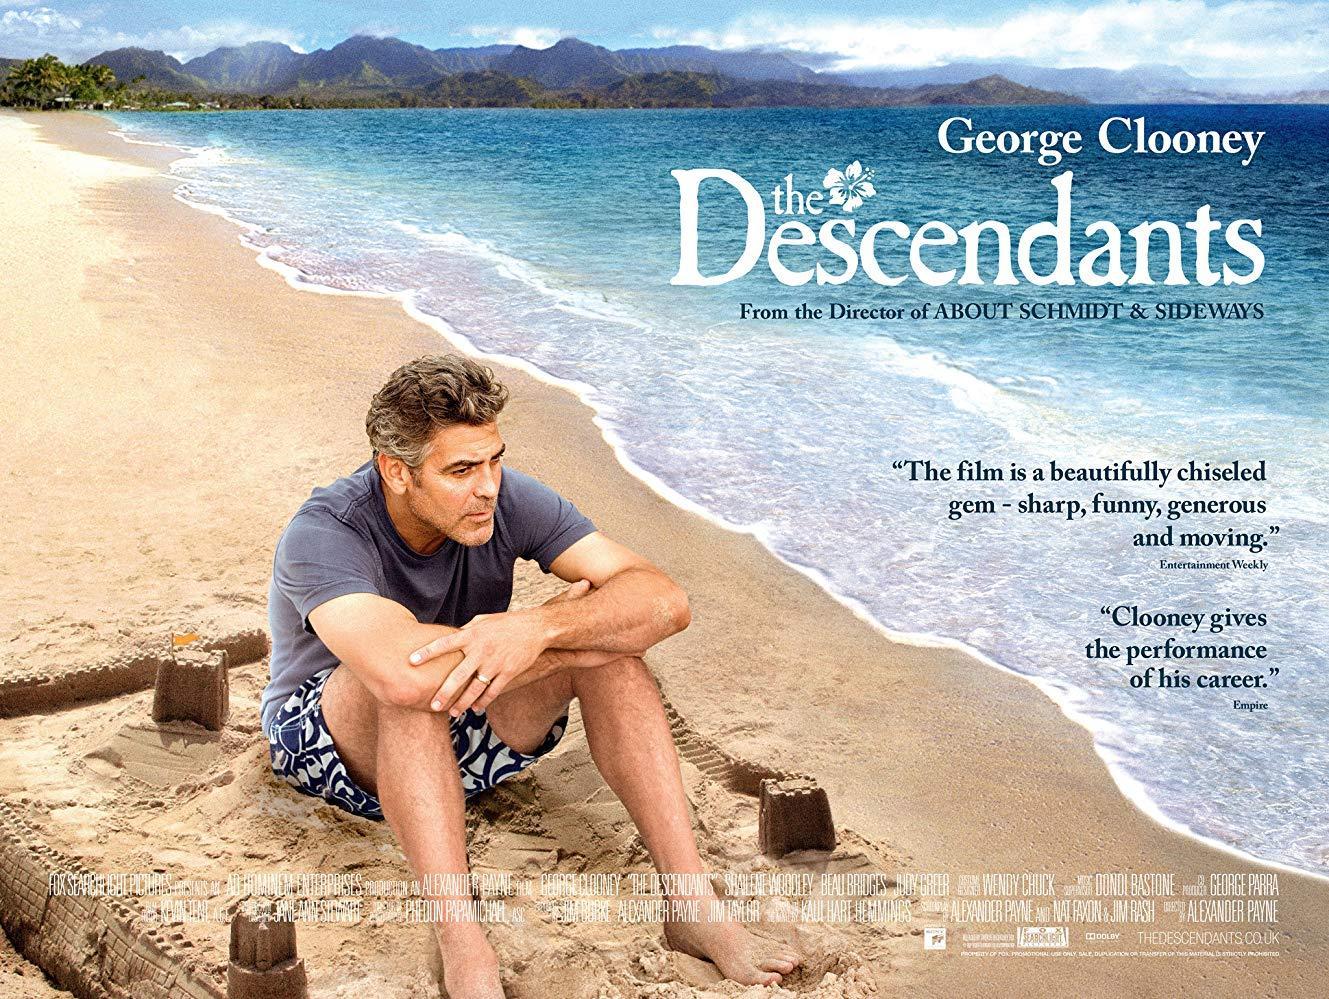 مشاهدة فيلم The Descendants 2011 HD مترجم كامل اون لاين